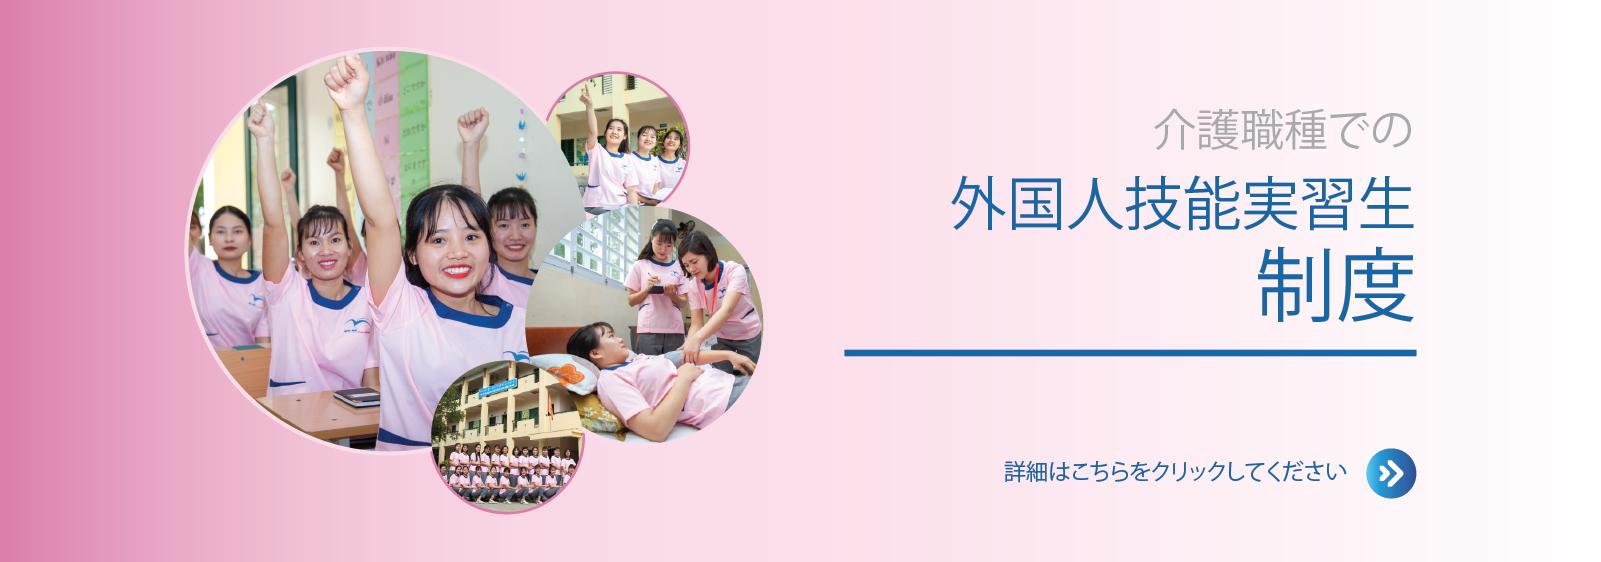 介護職種での外国人技能実習生制度